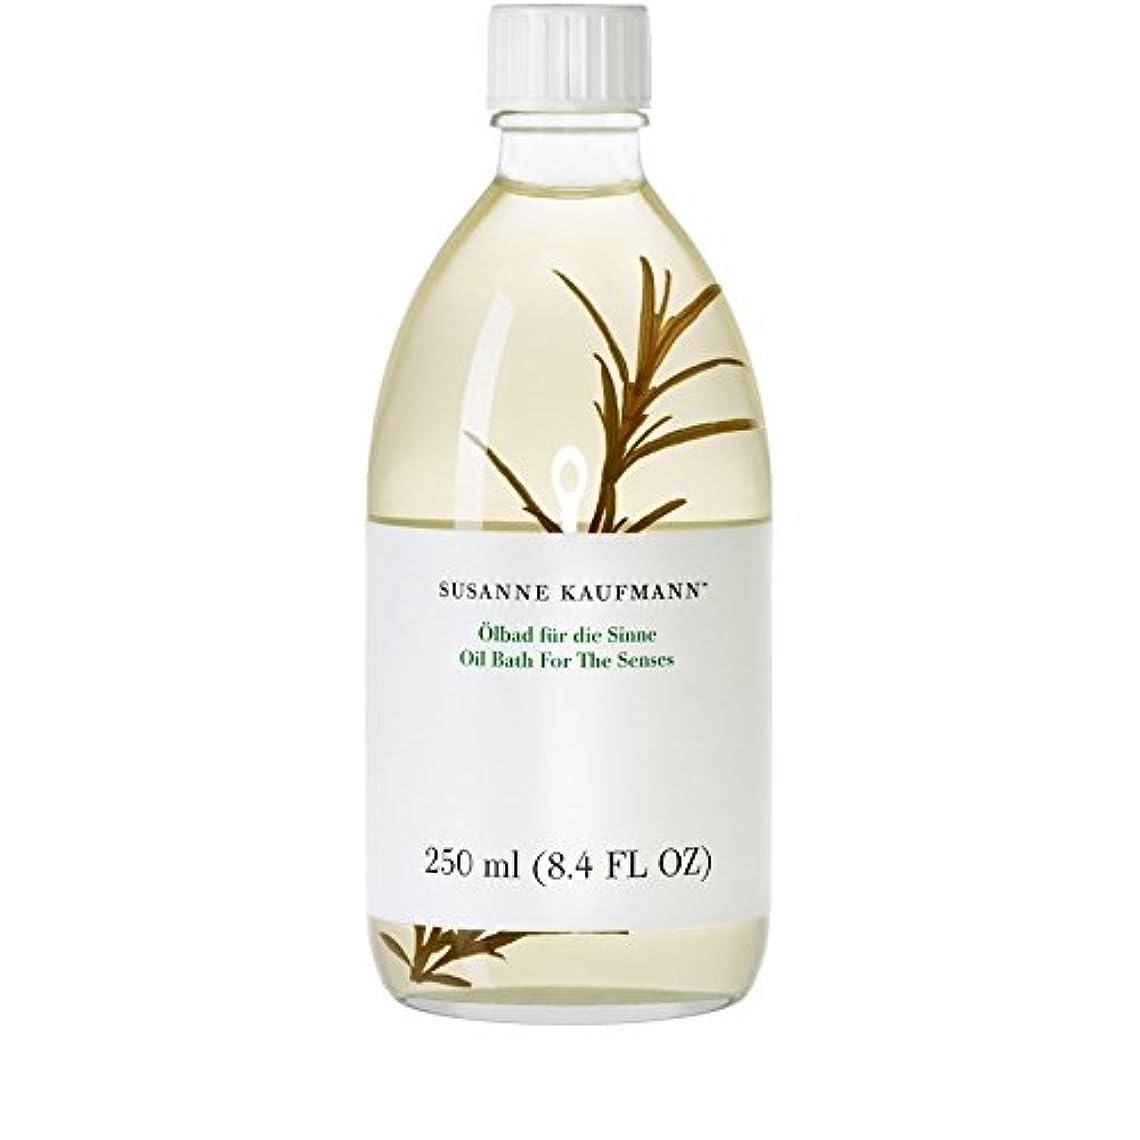 レンダーポンプ魅了するSusanne Kaufmann Oil Bath for the Senses 250ml (Pack of 6) - 250ミリリットルの感覚のためのスザンヌカウフマンオイルバス x6 [並行輸入品]